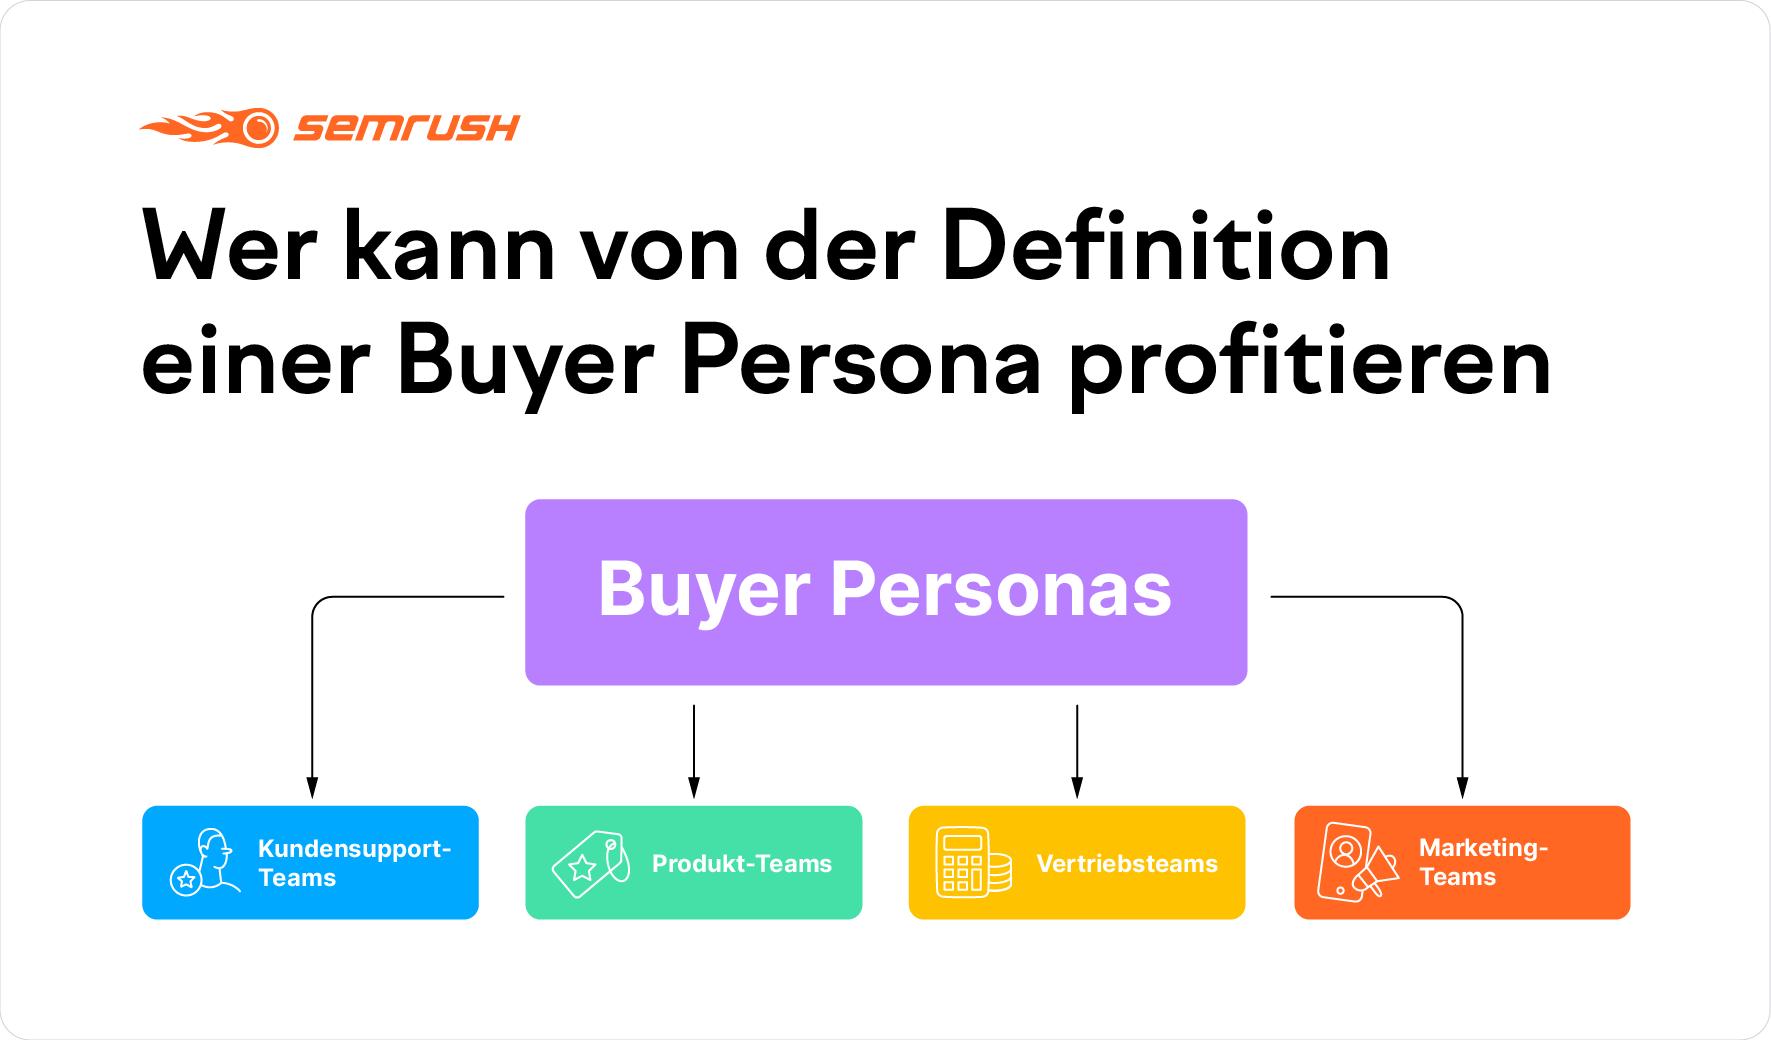 Wer kann von der Definition einer Buyer Persona profitieren